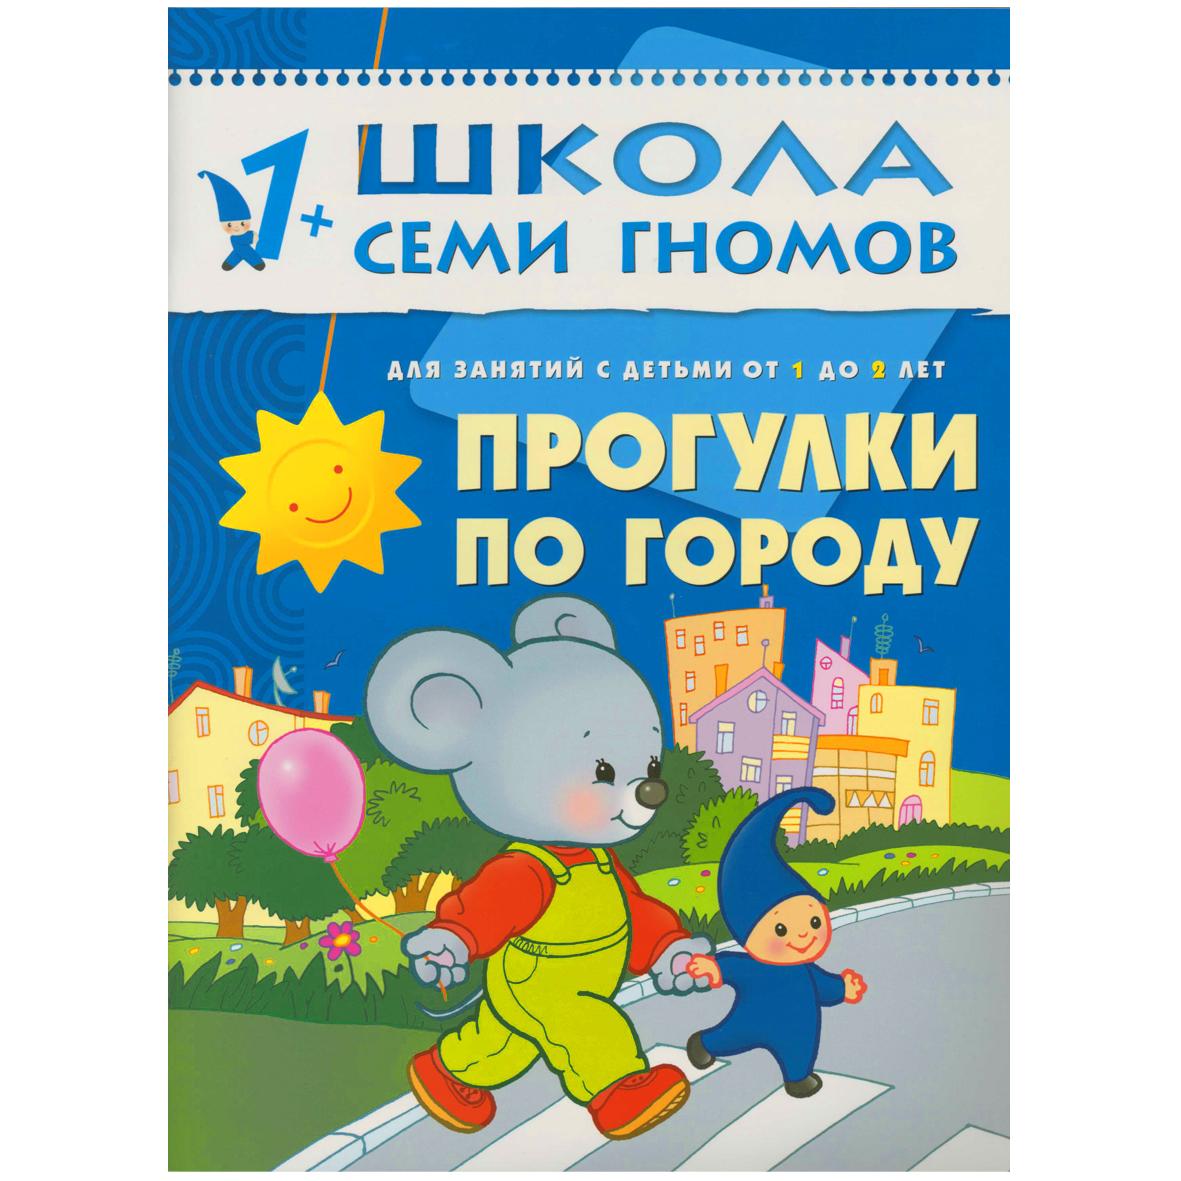 Прогулки по городу: Для занятий с детьми 1 до 2 лет